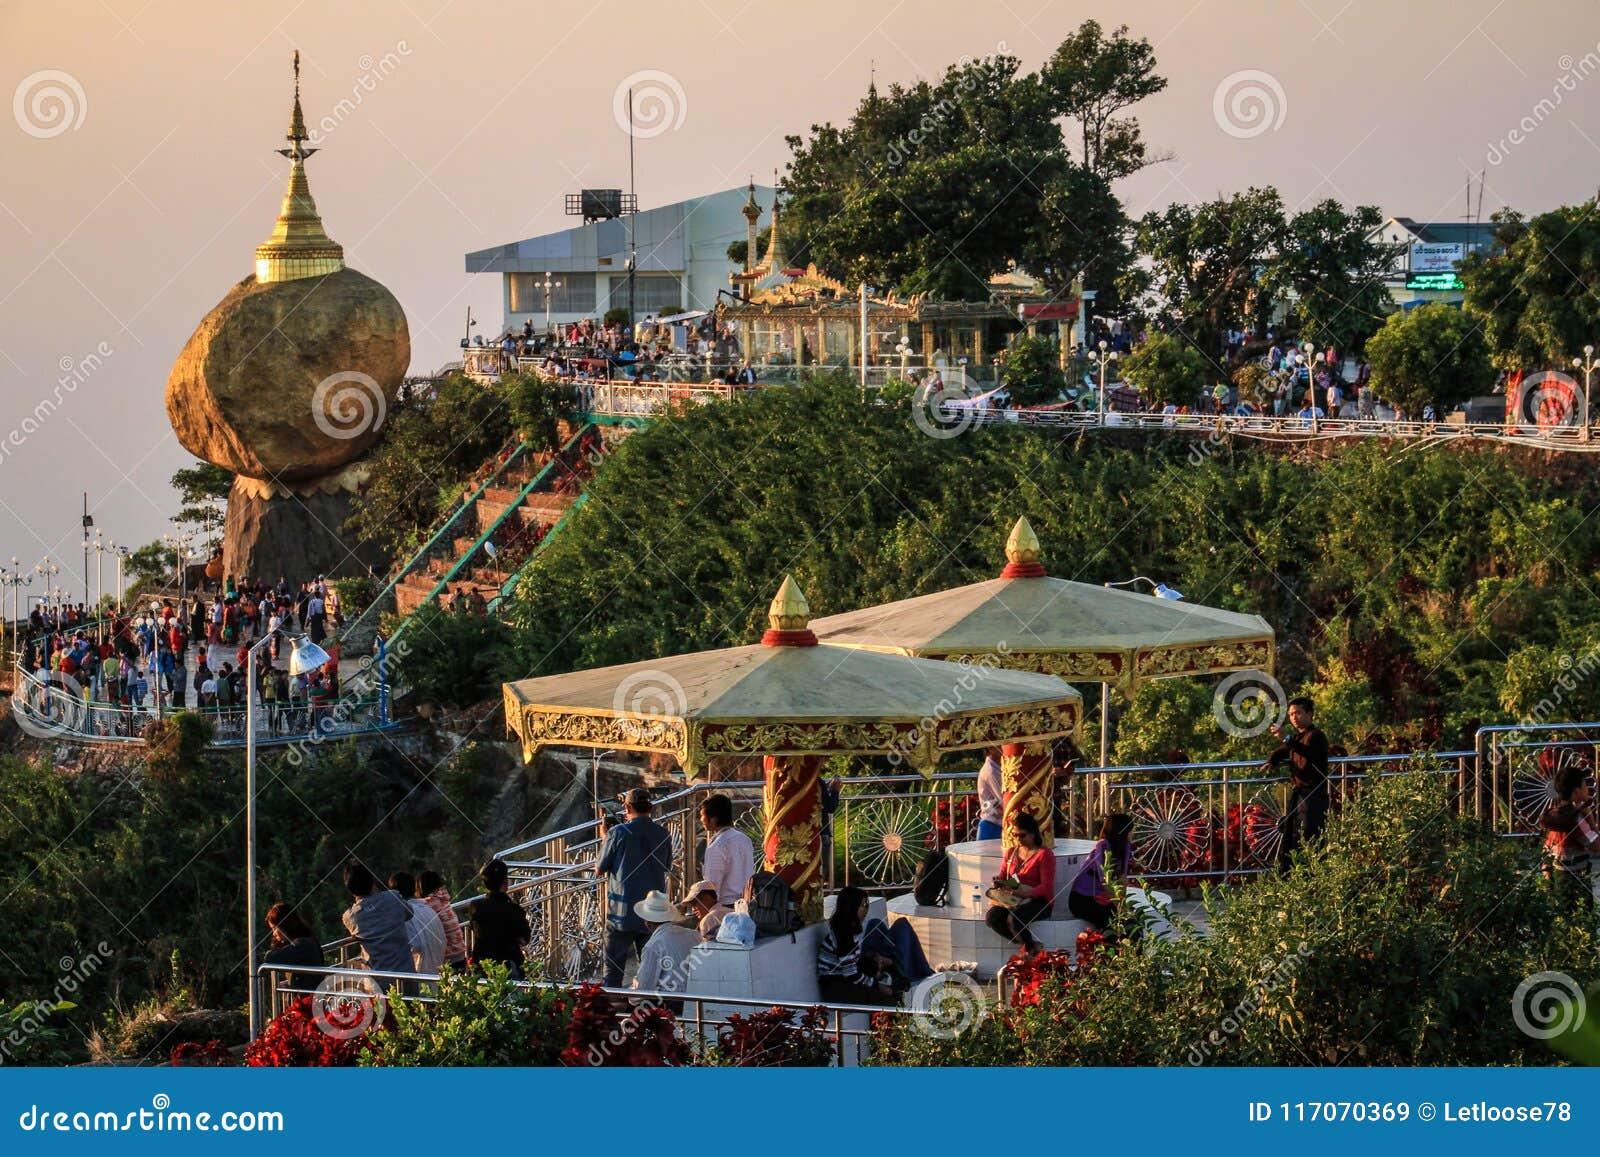 Kyaiktiyo Pagoda also known as Golden Rock at sunset, Mon State, Myanmar